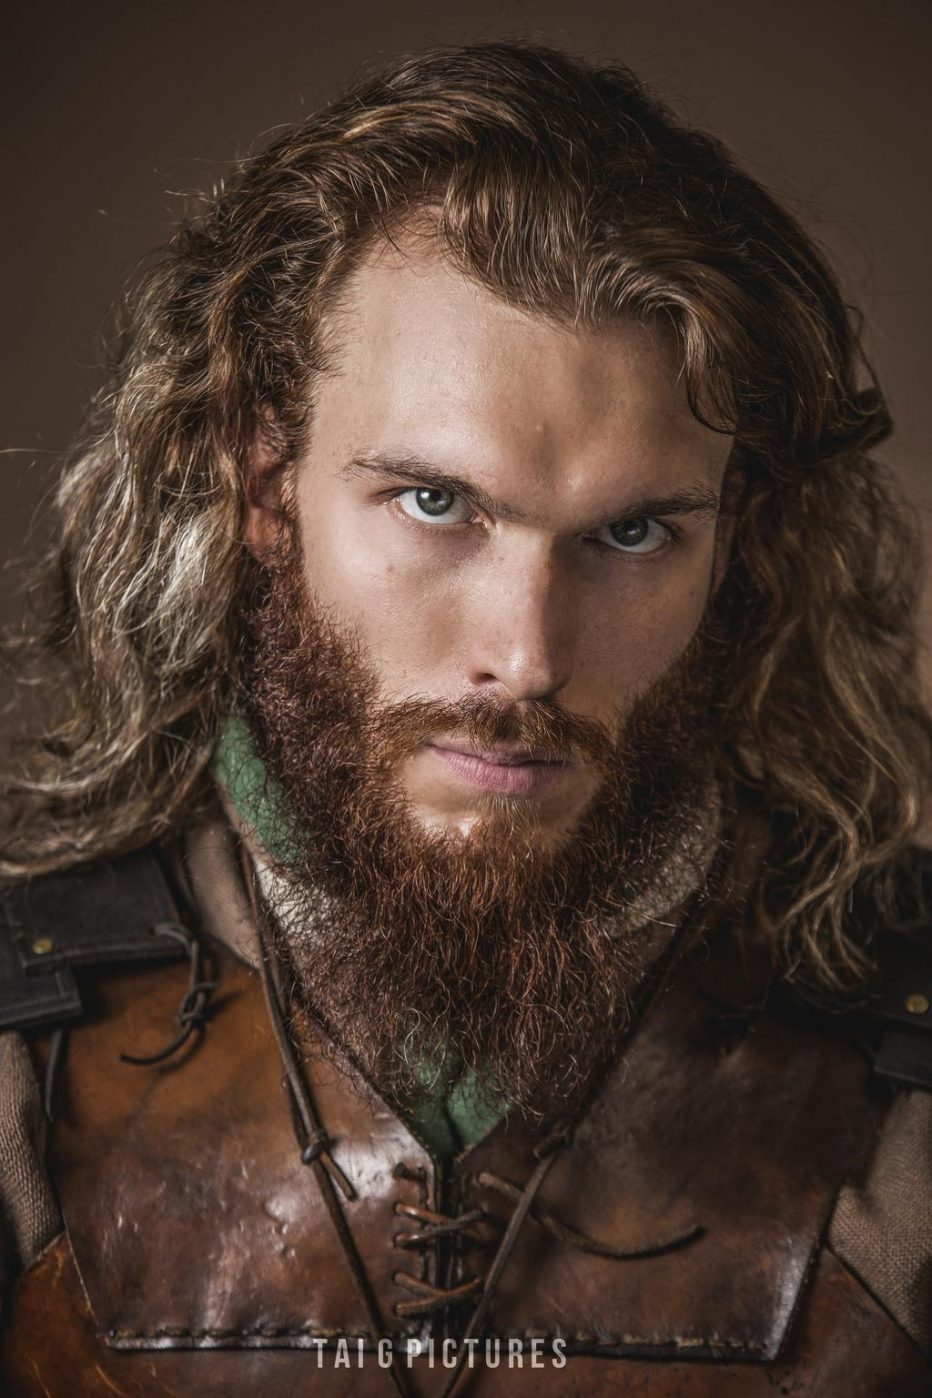 The-Lord-of-the-Rings-Rohirrim-Cosplay-Gamers-Heroes-1.jpg